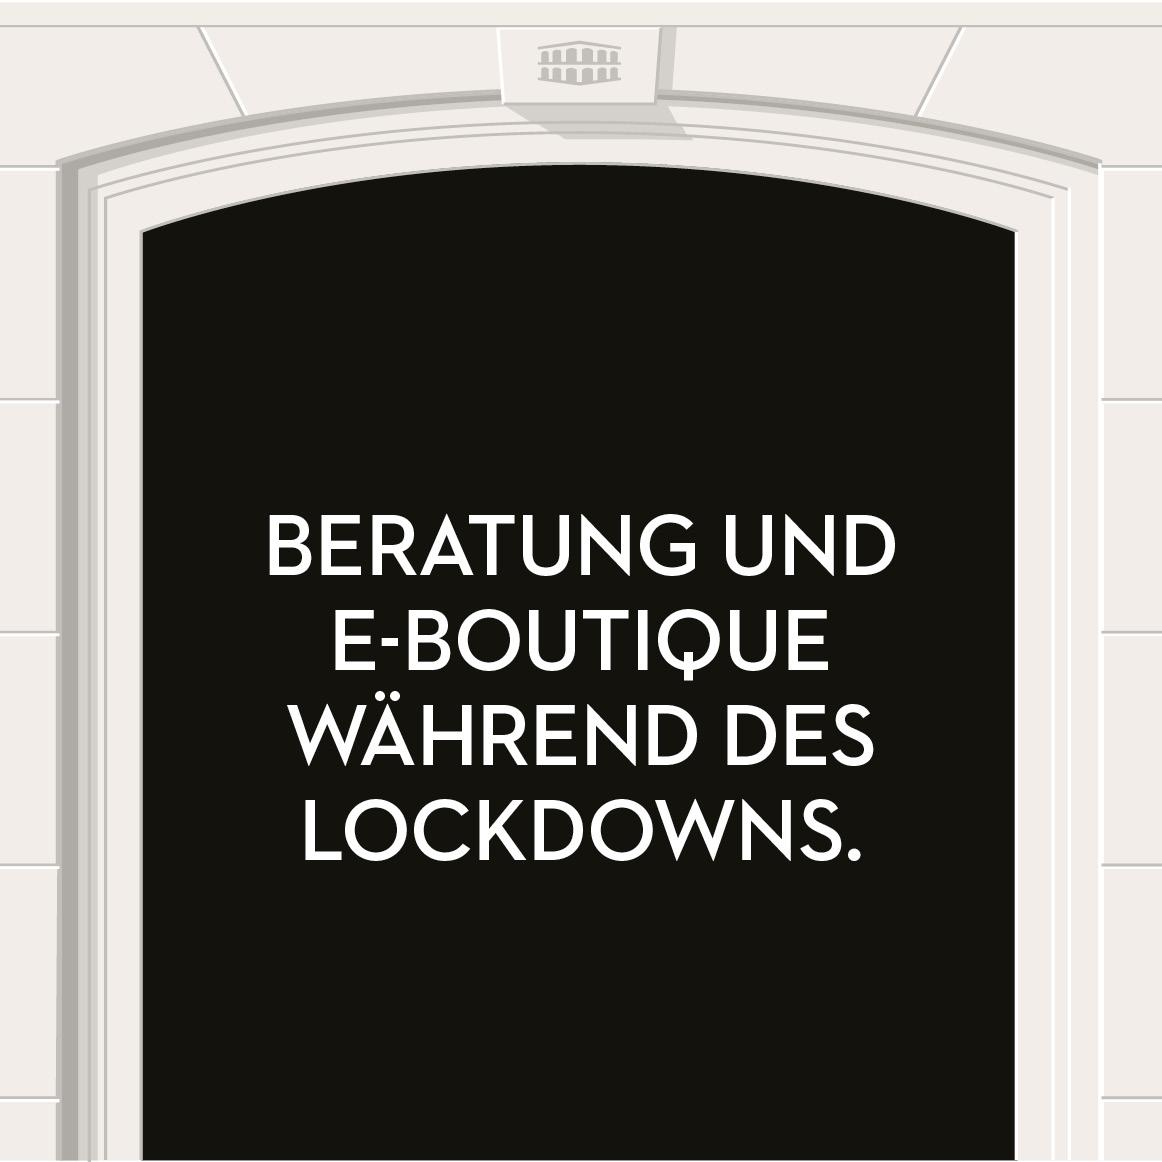 Coronavirus - Beratung und Kontakt während des Lockdowns